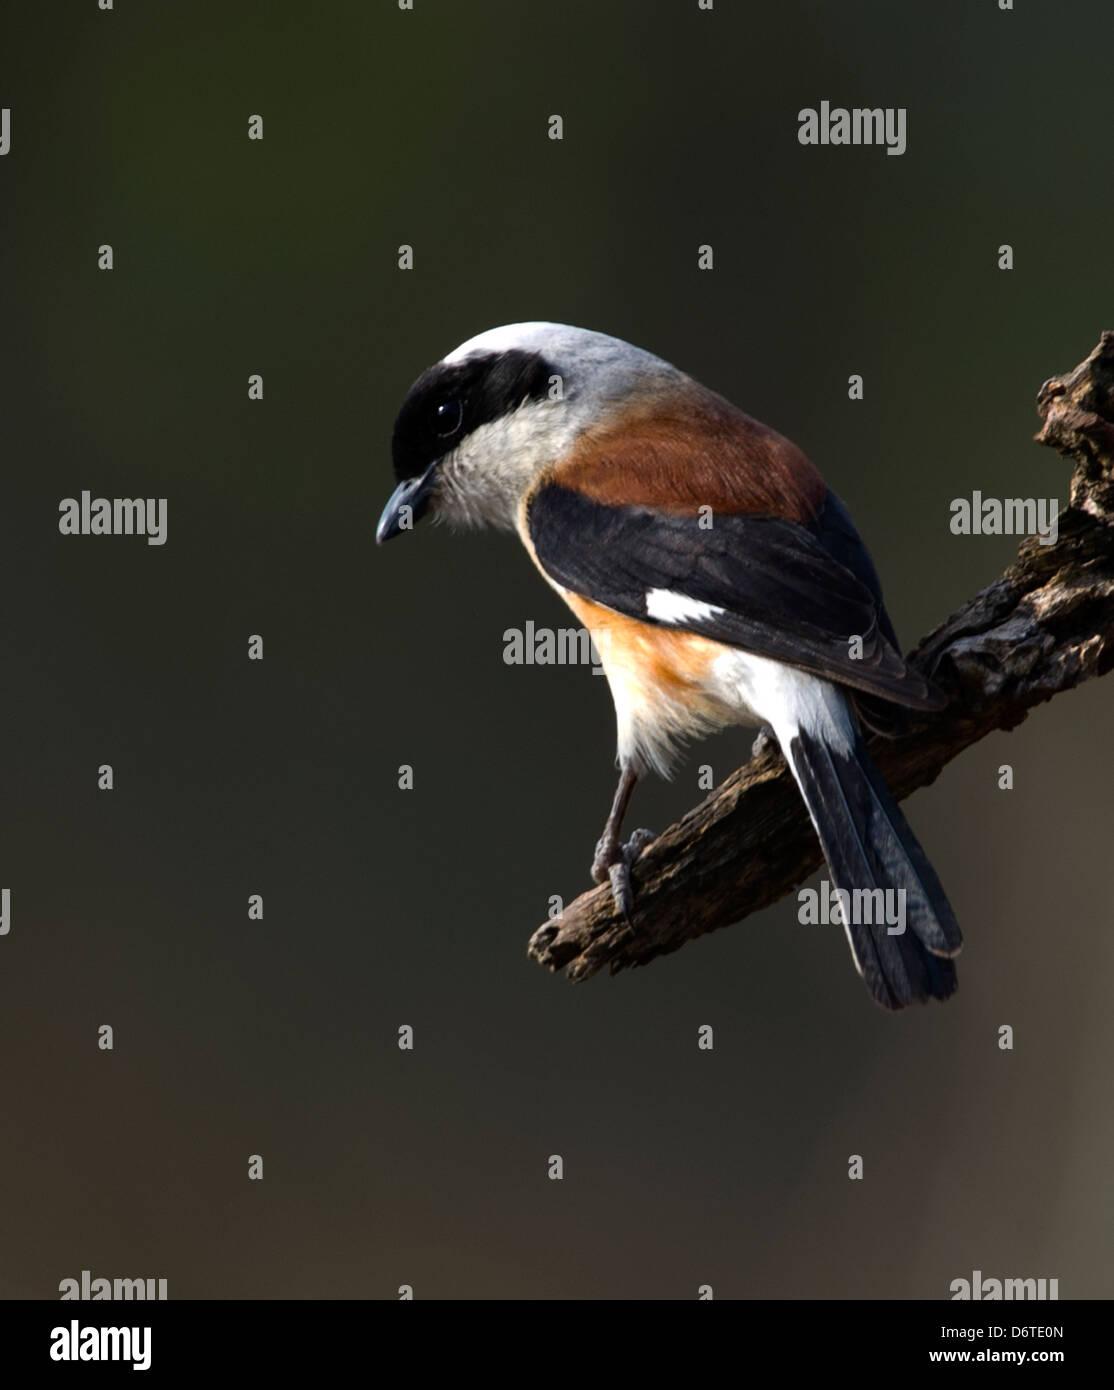 Bay-backed Shrike (Lanius vittatus) - Stock Image